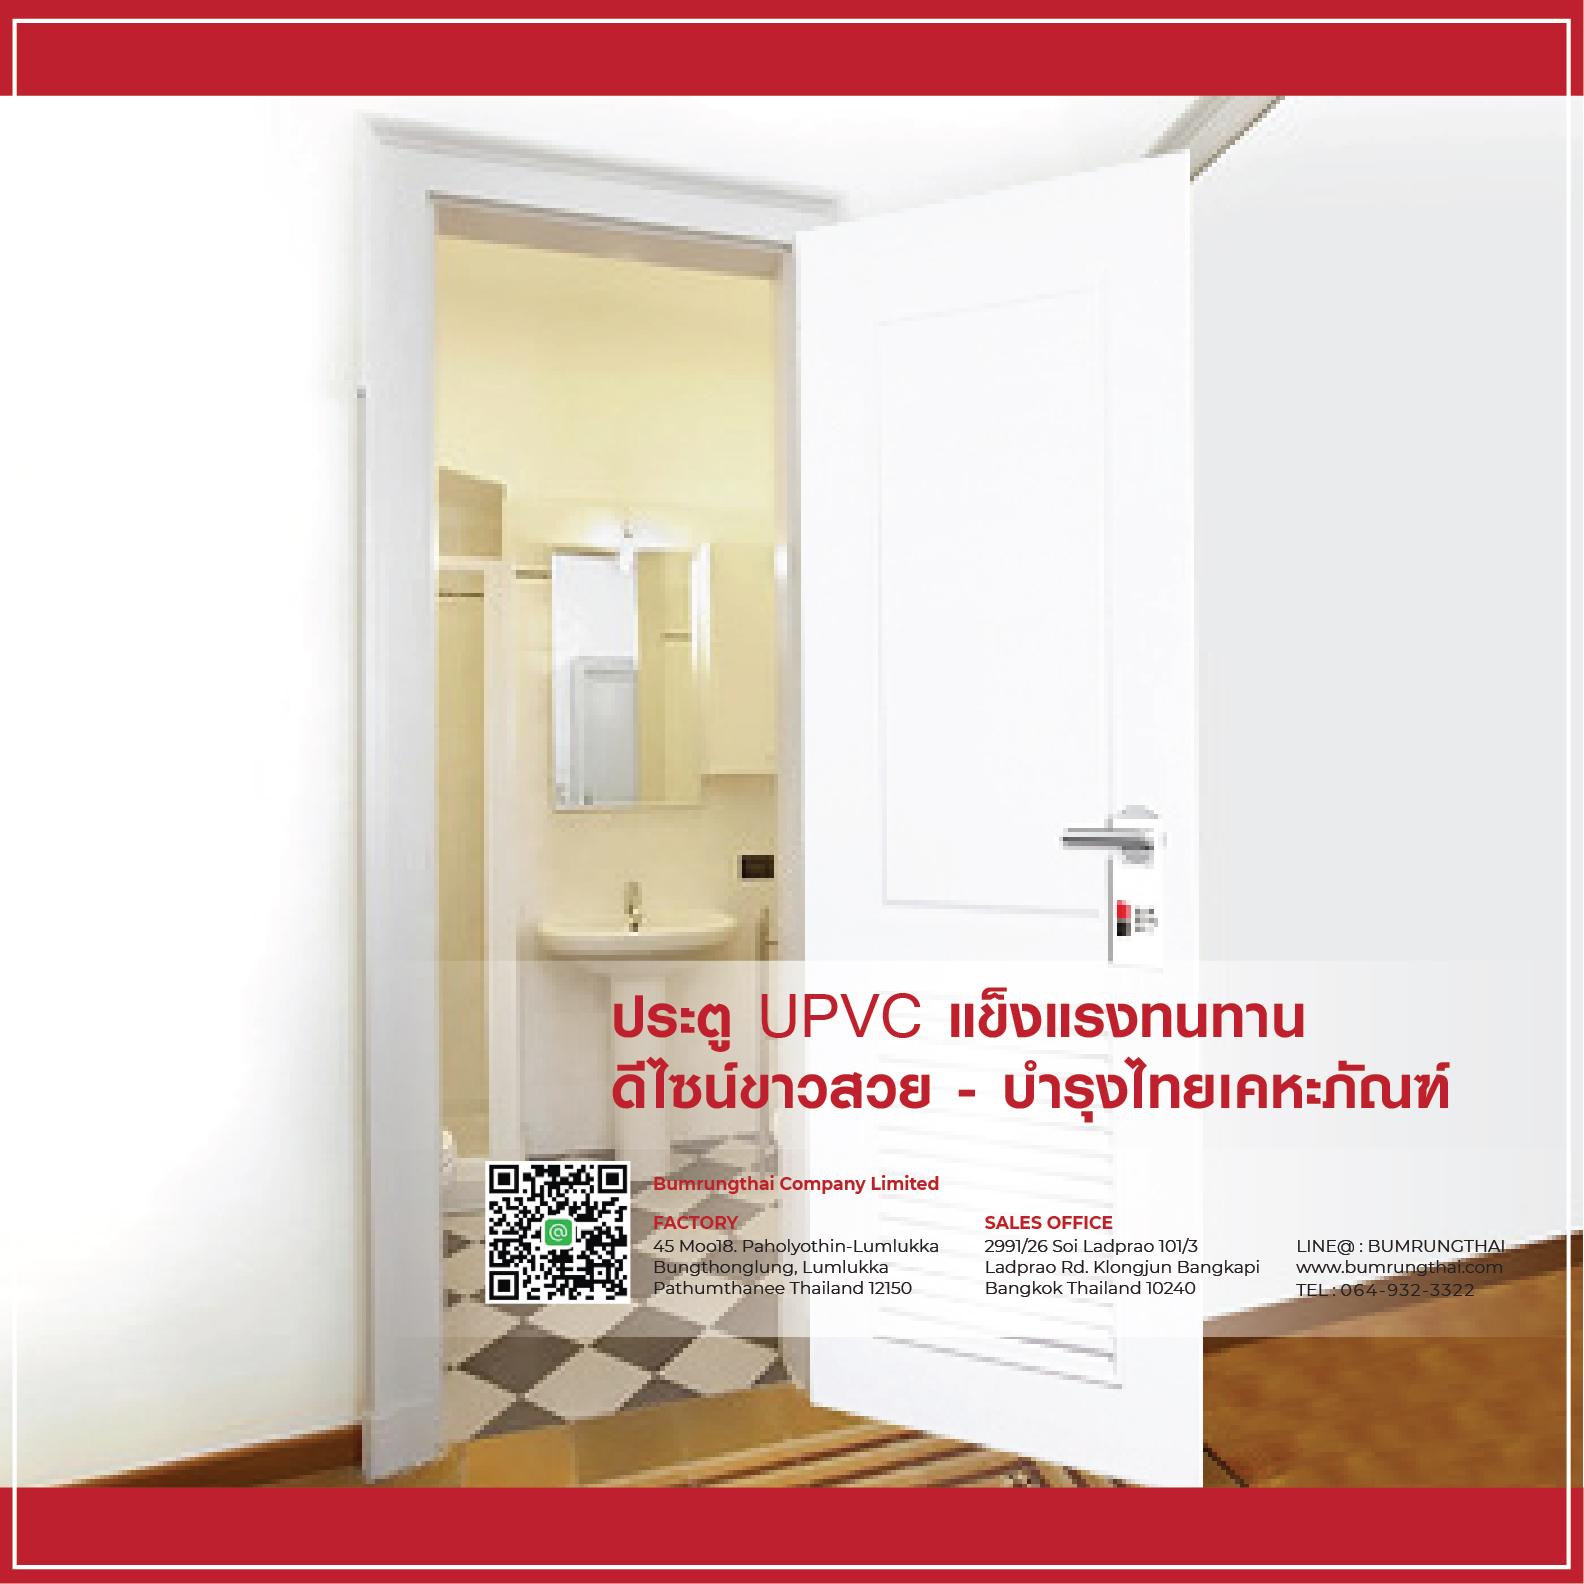 ประตู UPVC แข็งแรงทนทาน ดีไซน์ขาวสวย - บำรุงไทยเคหะภัณฑ์